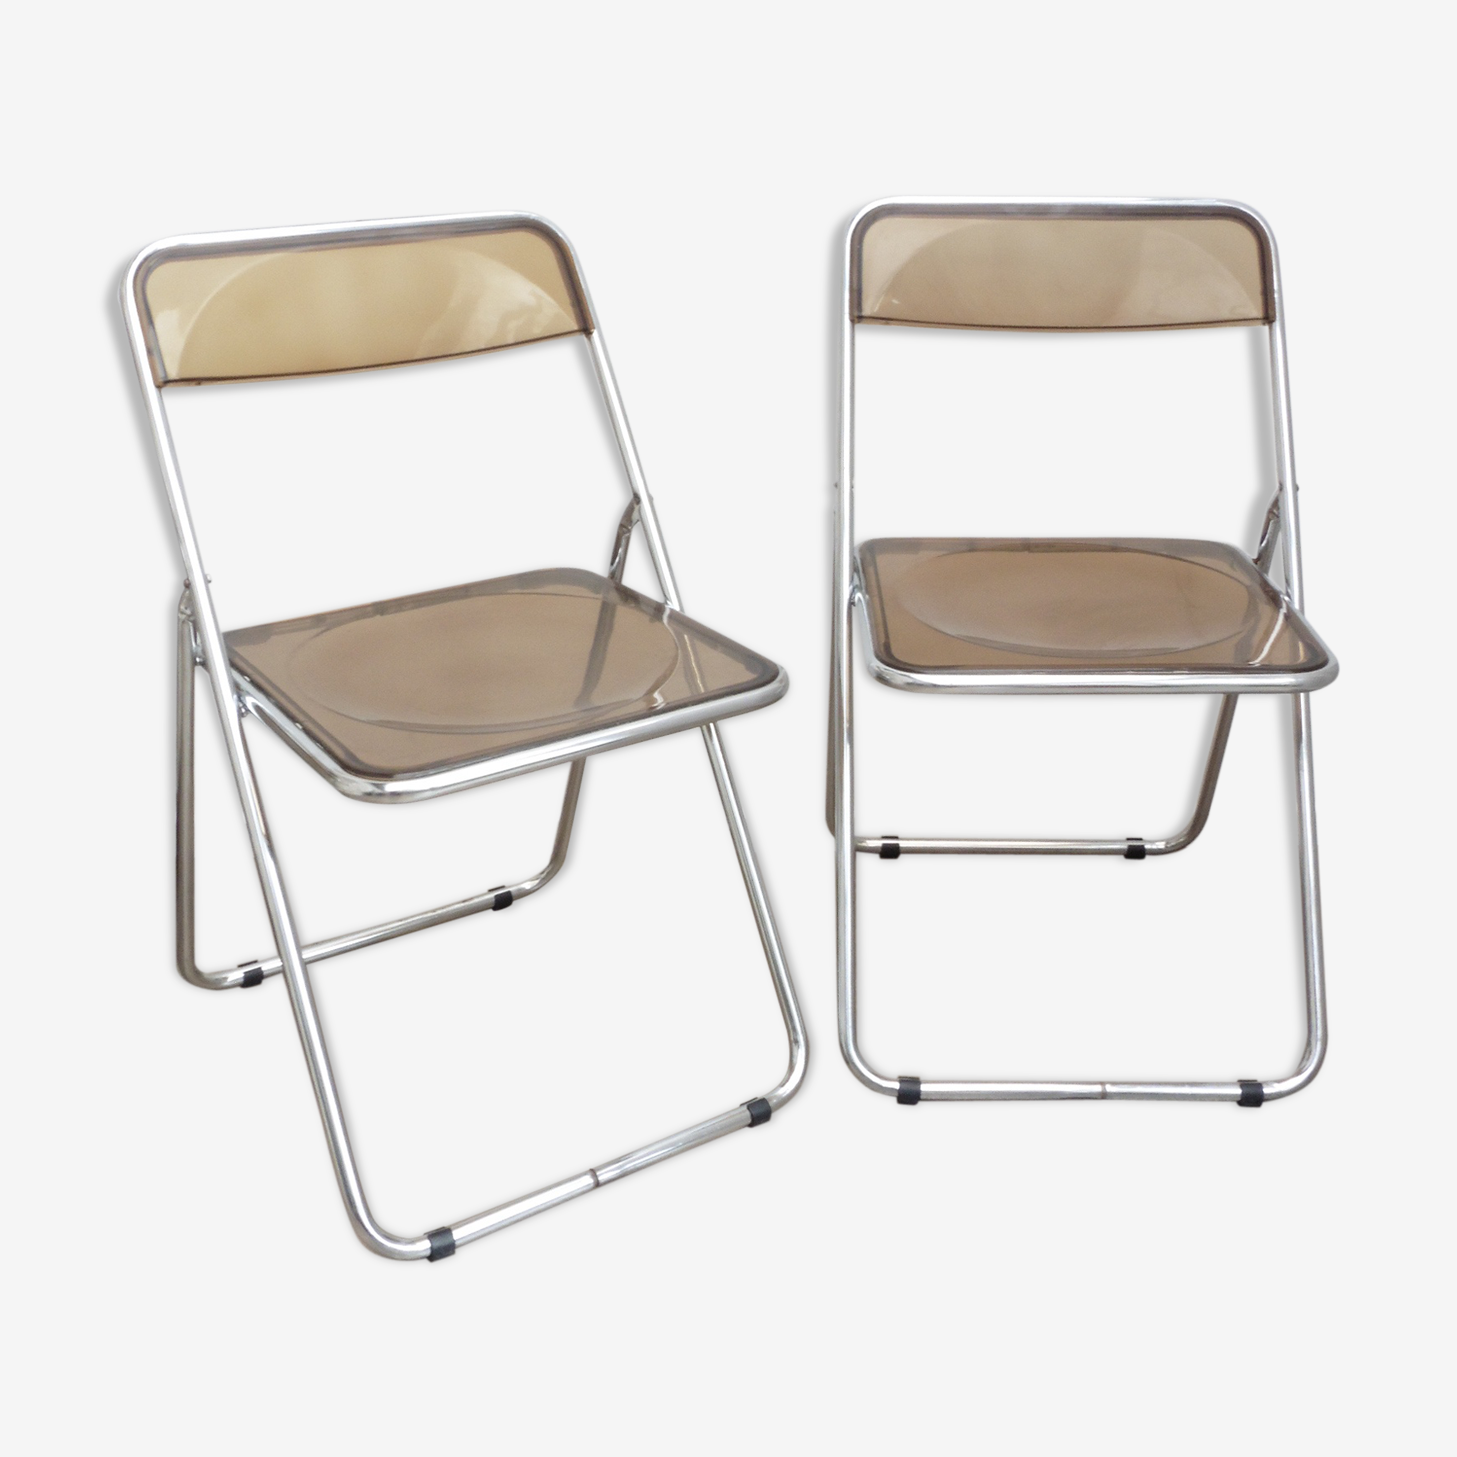 2 chaises pliantes plexiglass fumé